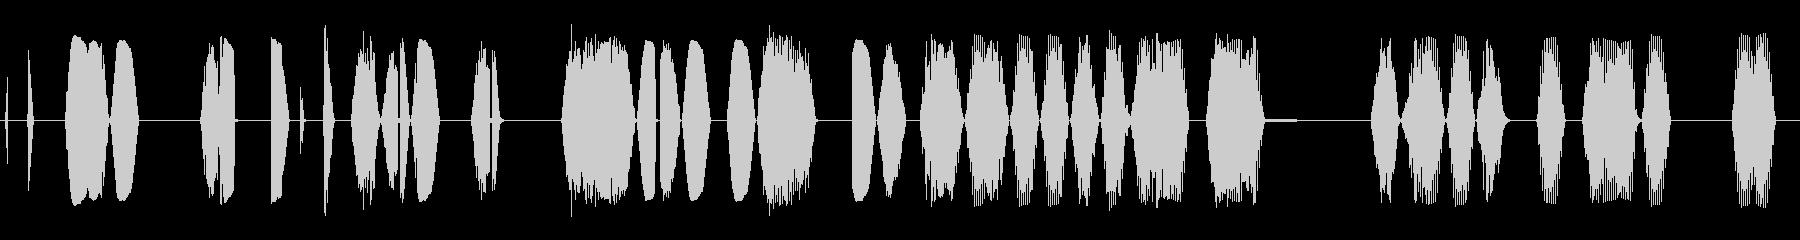 スタッタードシグナル干渉スイープ2の未再生の波形